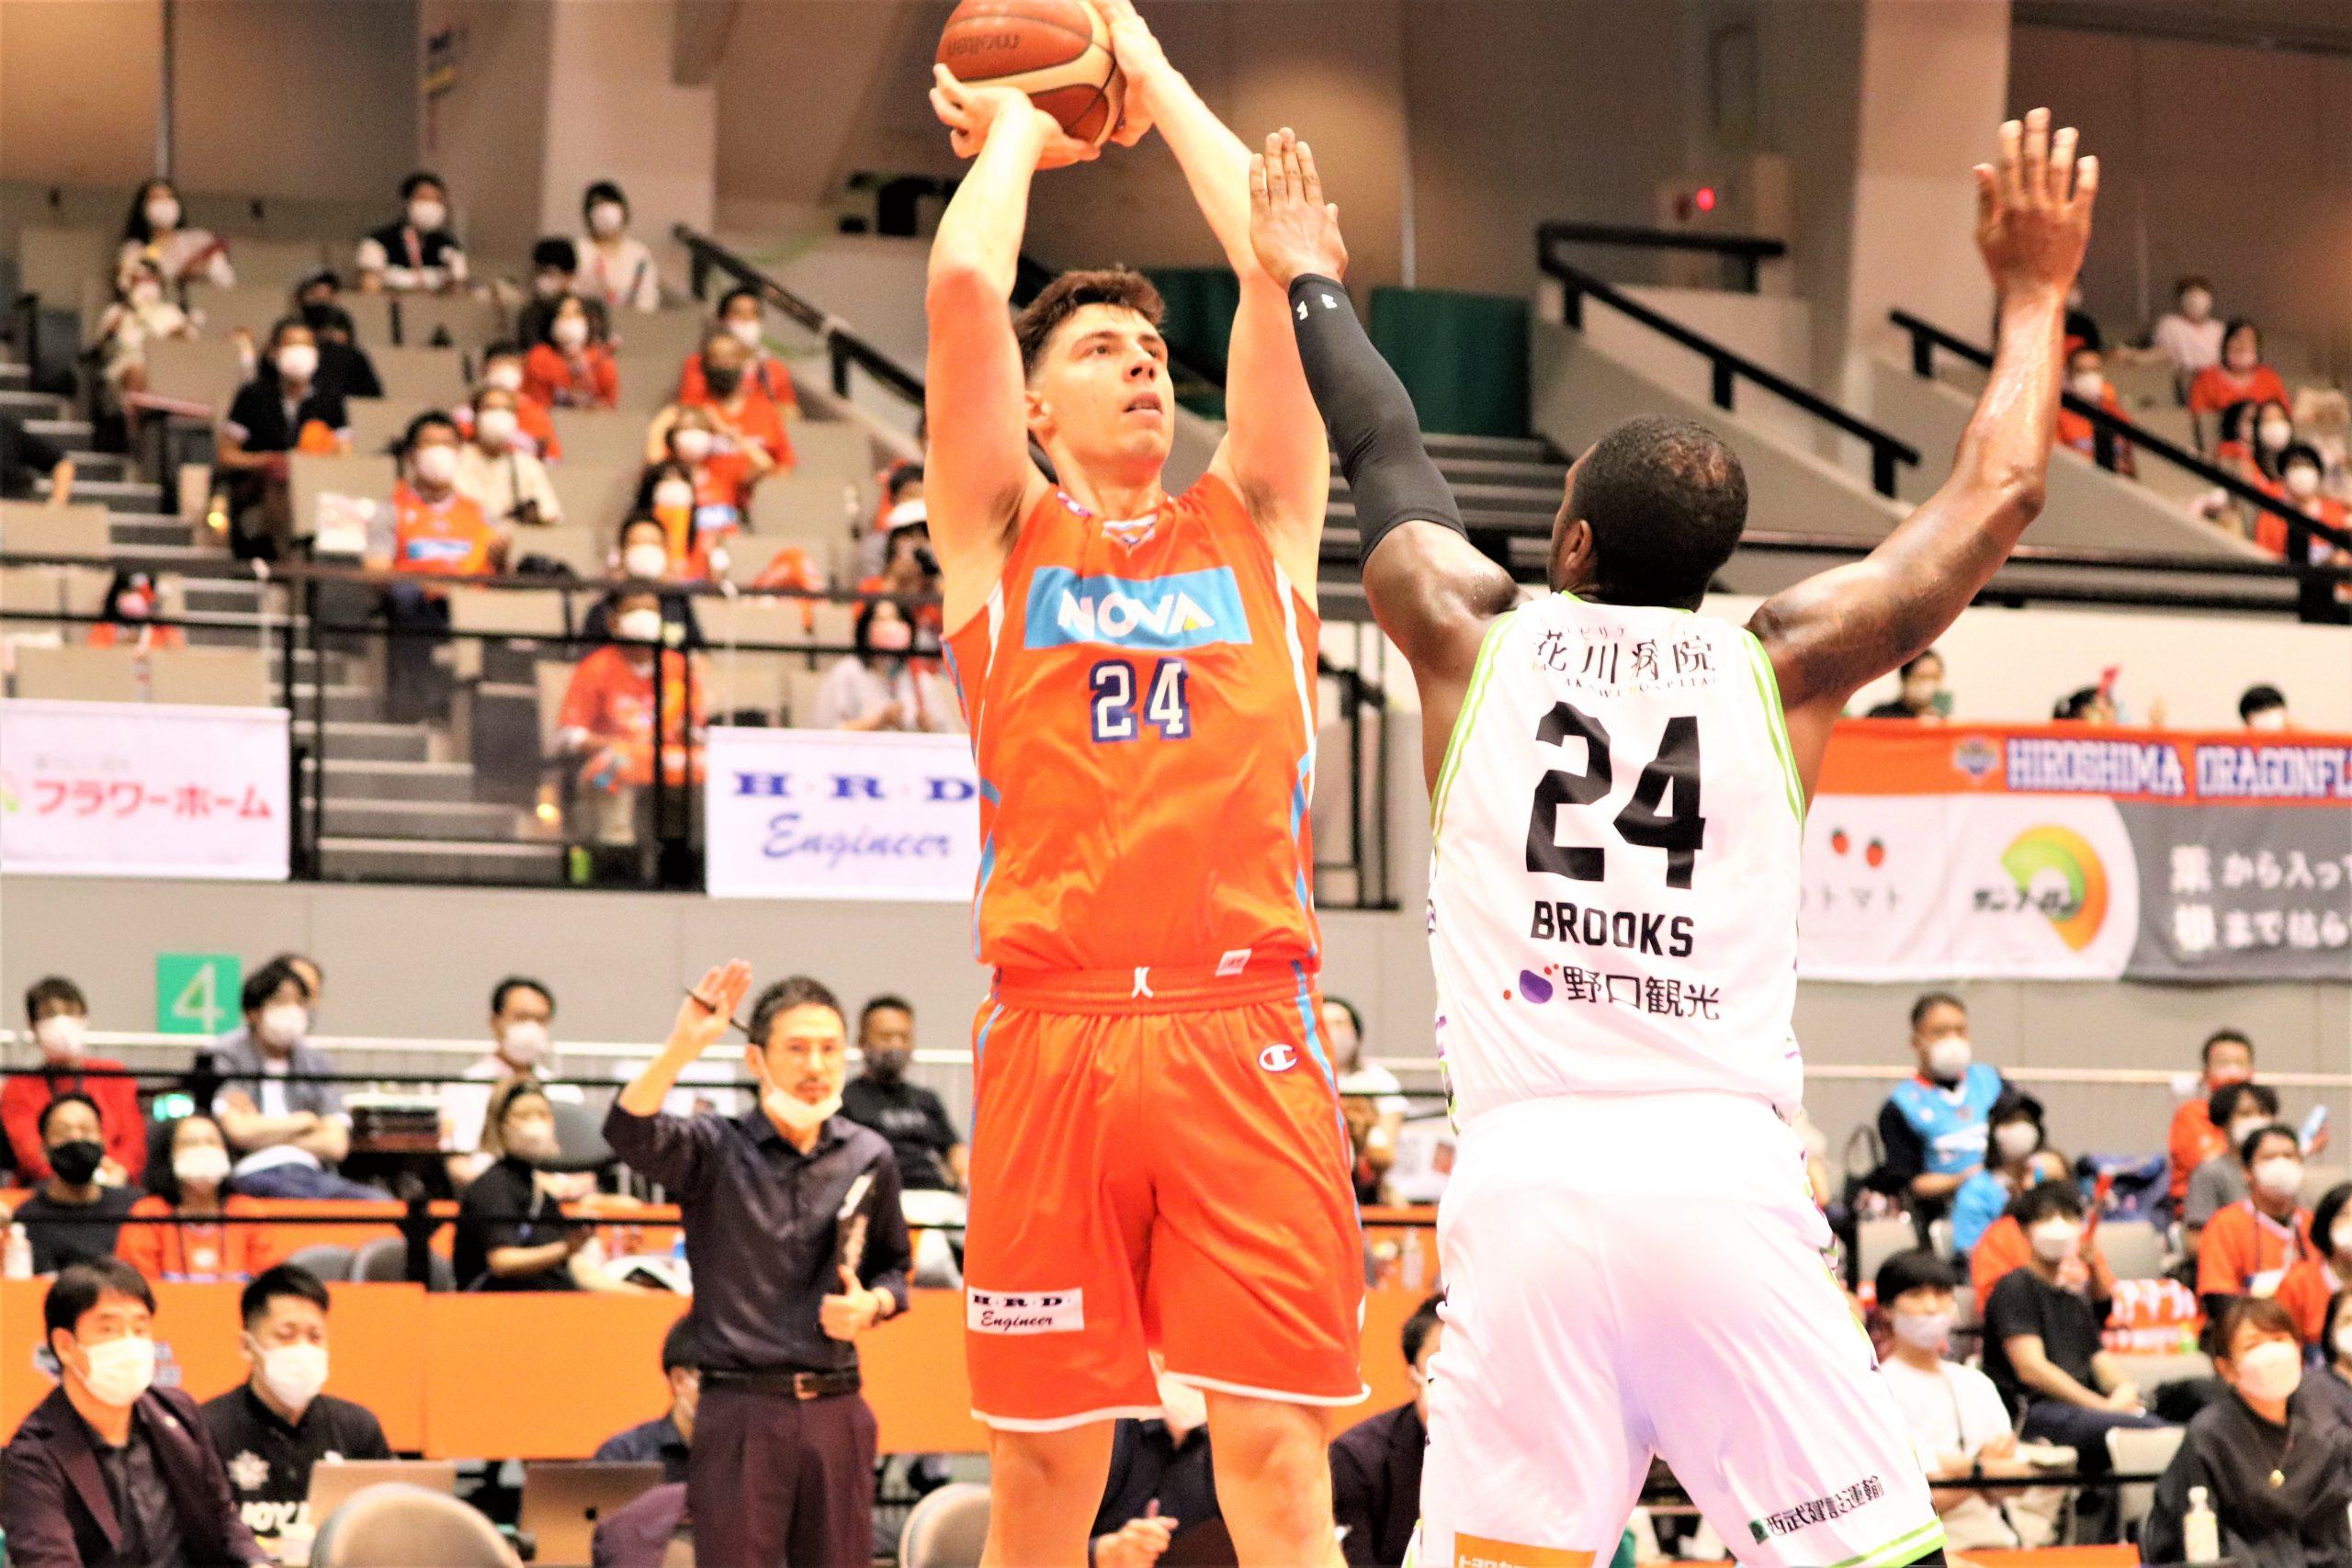 24得点を記録した広島ドラゴンフライズのニック・メイヨ(左)©Basketball News 2for1